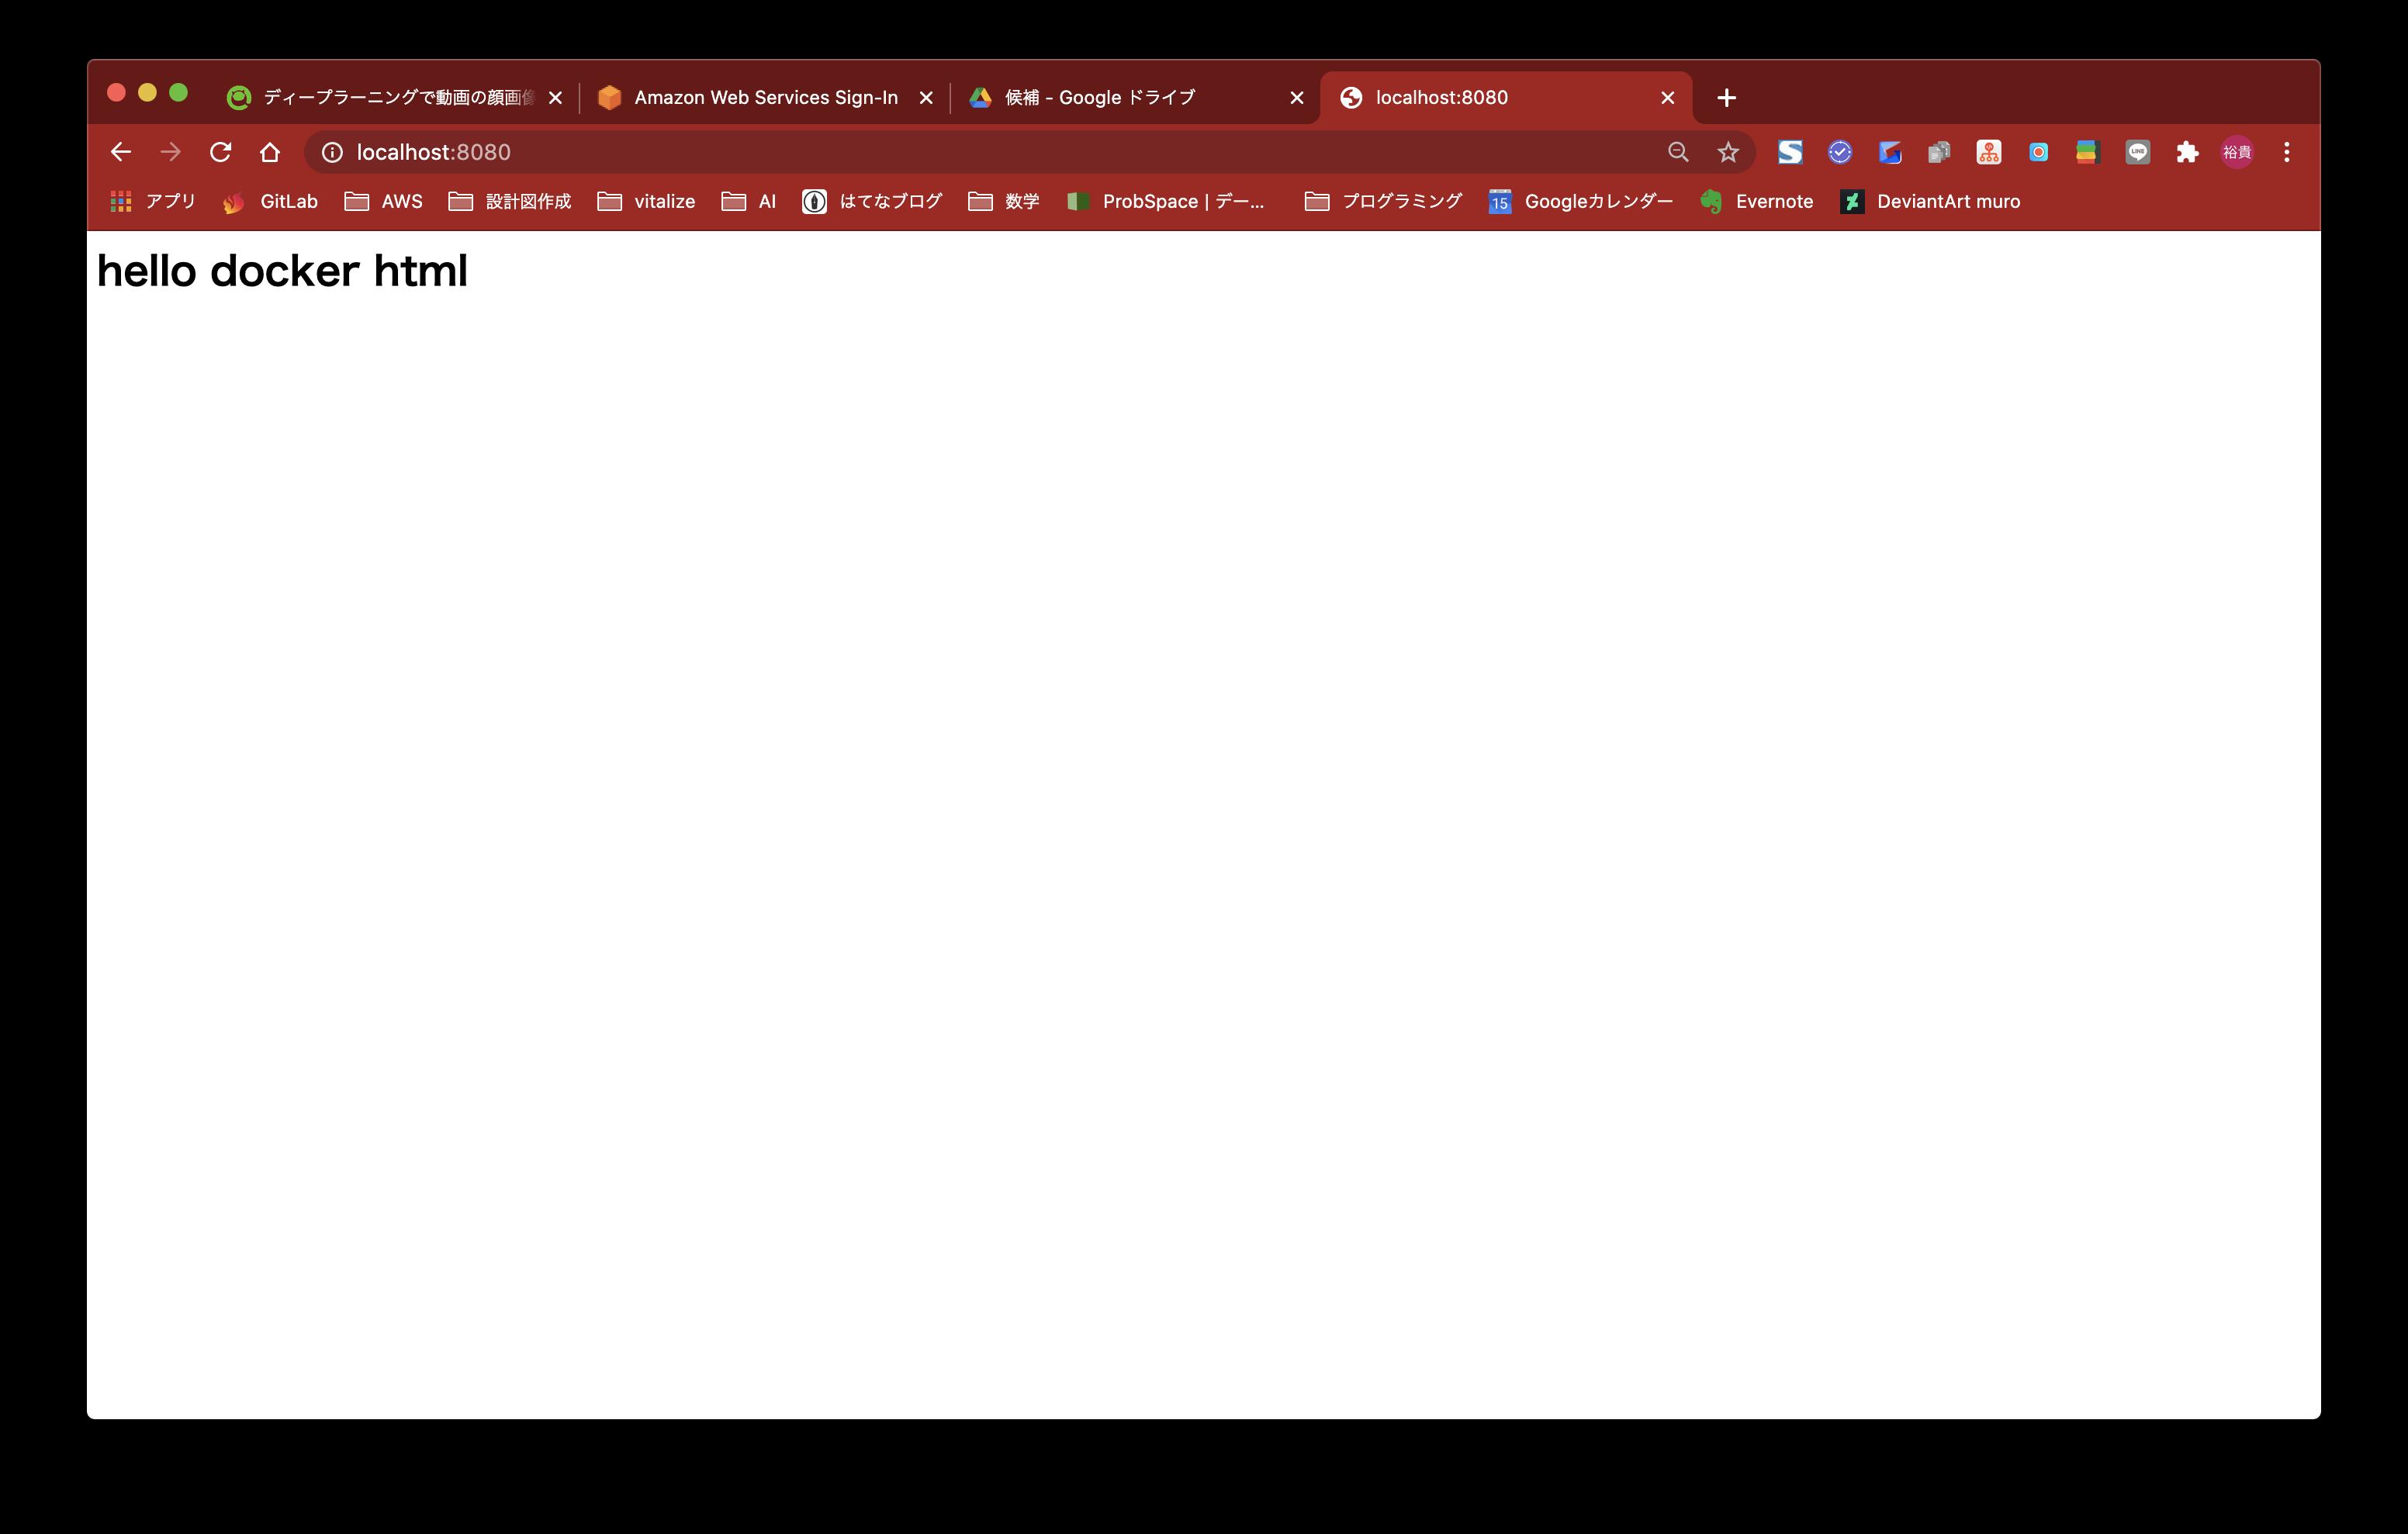 スクリーンショット 2020-11-21 17.50.44.png (707.2 kB)